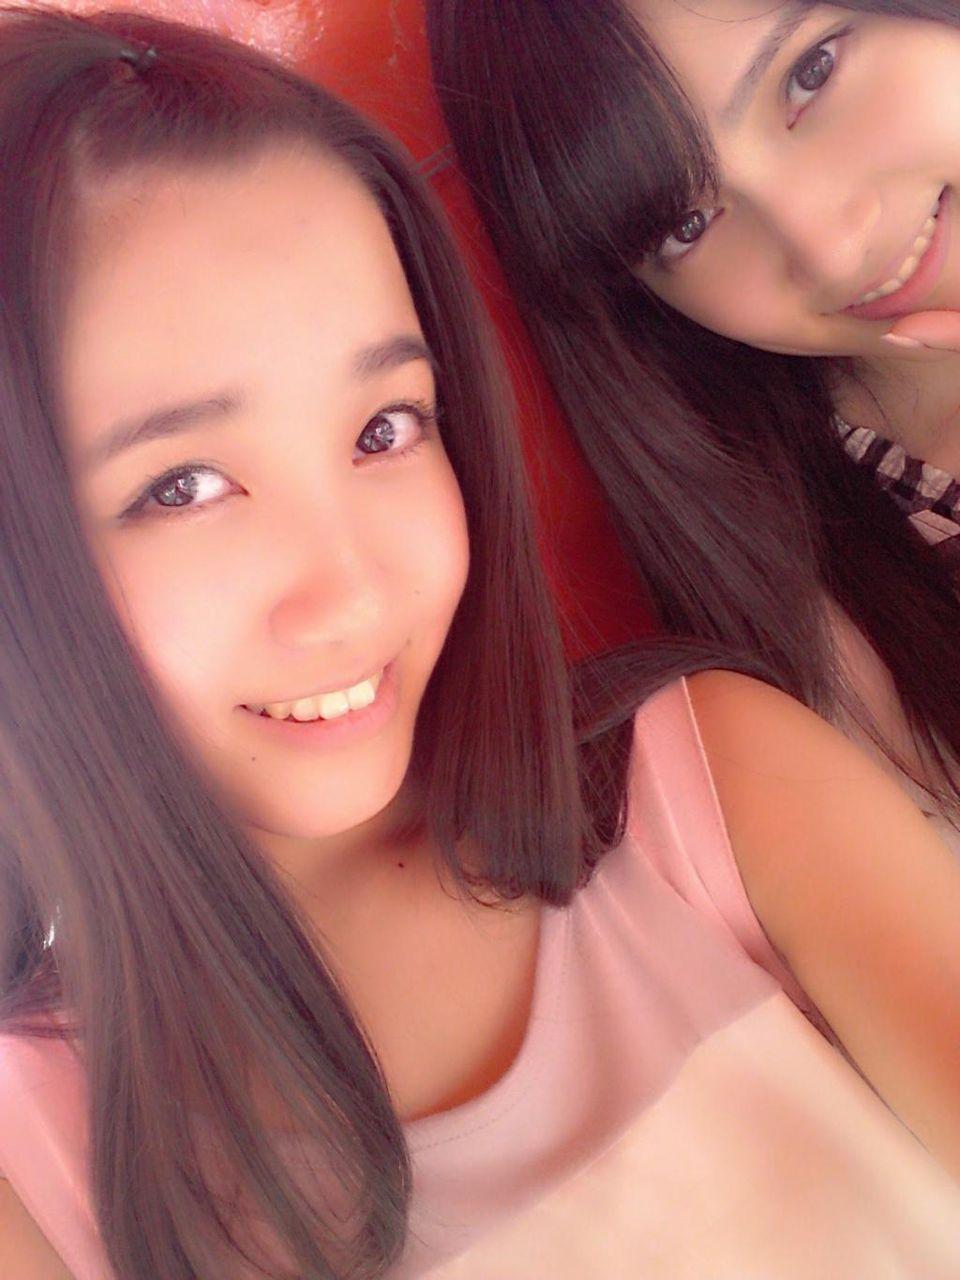 AKB48まとめ 48年戦争   【勅令】小嶋さんがれなっち、あんにんを後継に指名 コメントよろしくです。